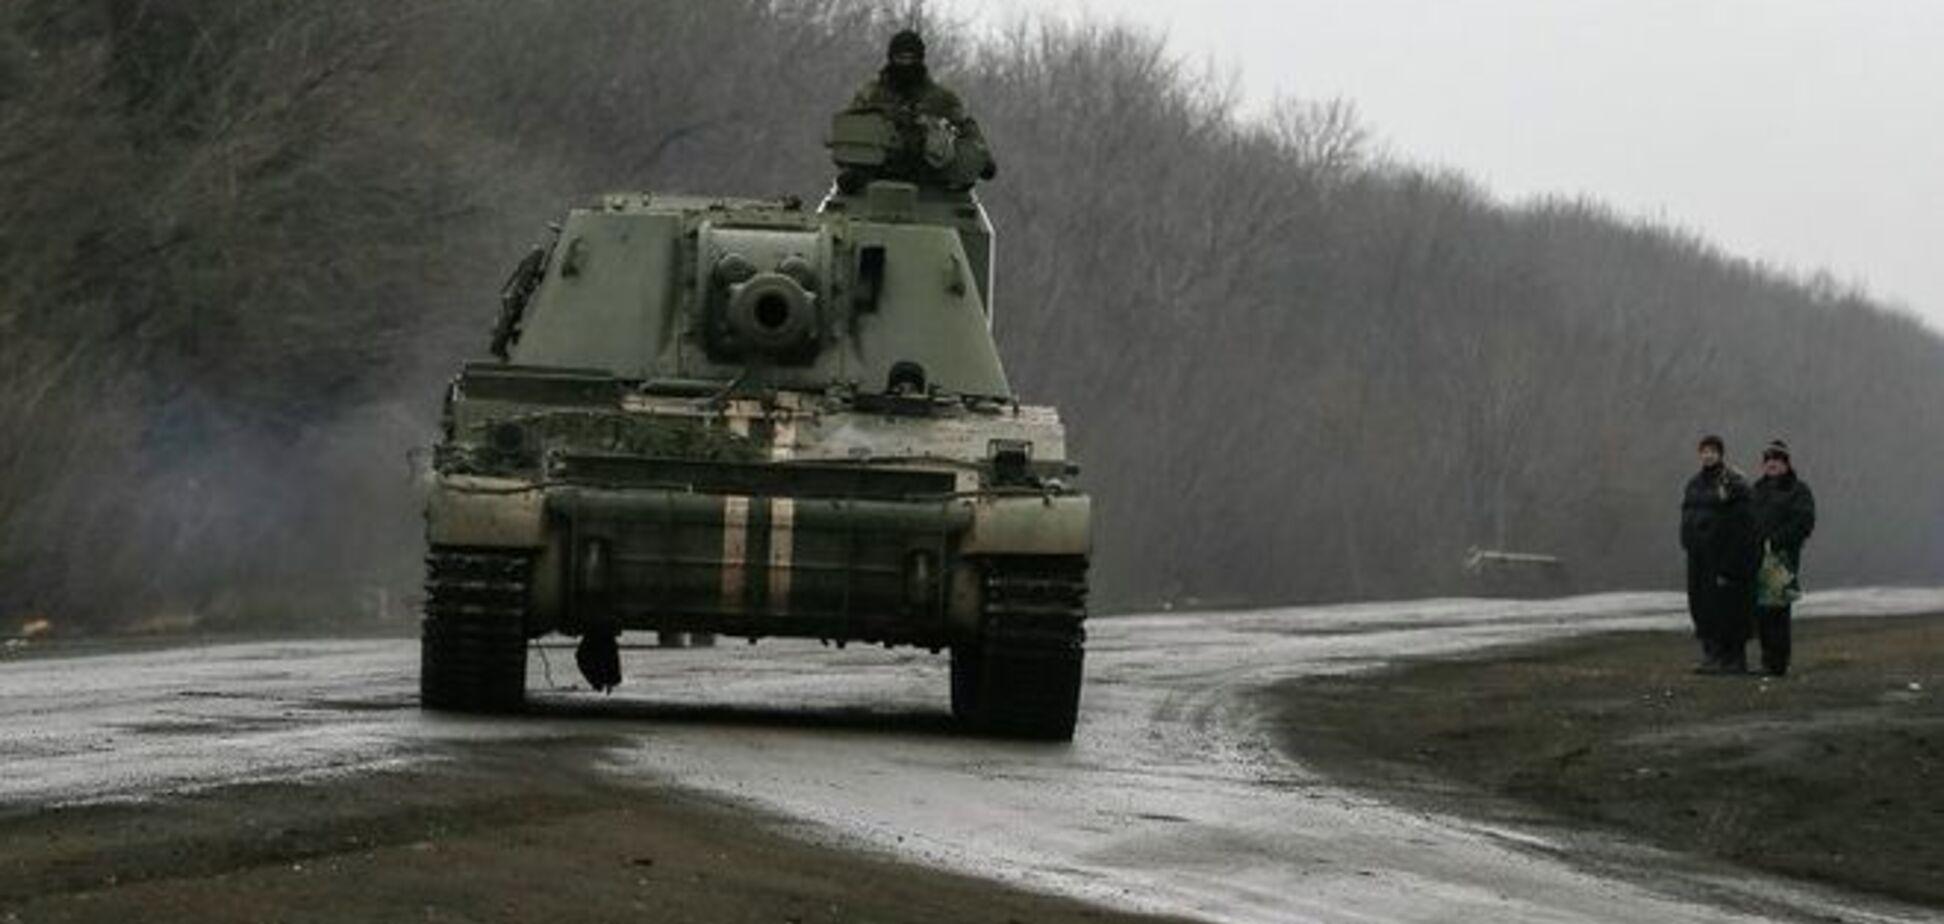 Украина готовится к отводу 152-мм гаубиц 'Акация' от линии разграничения